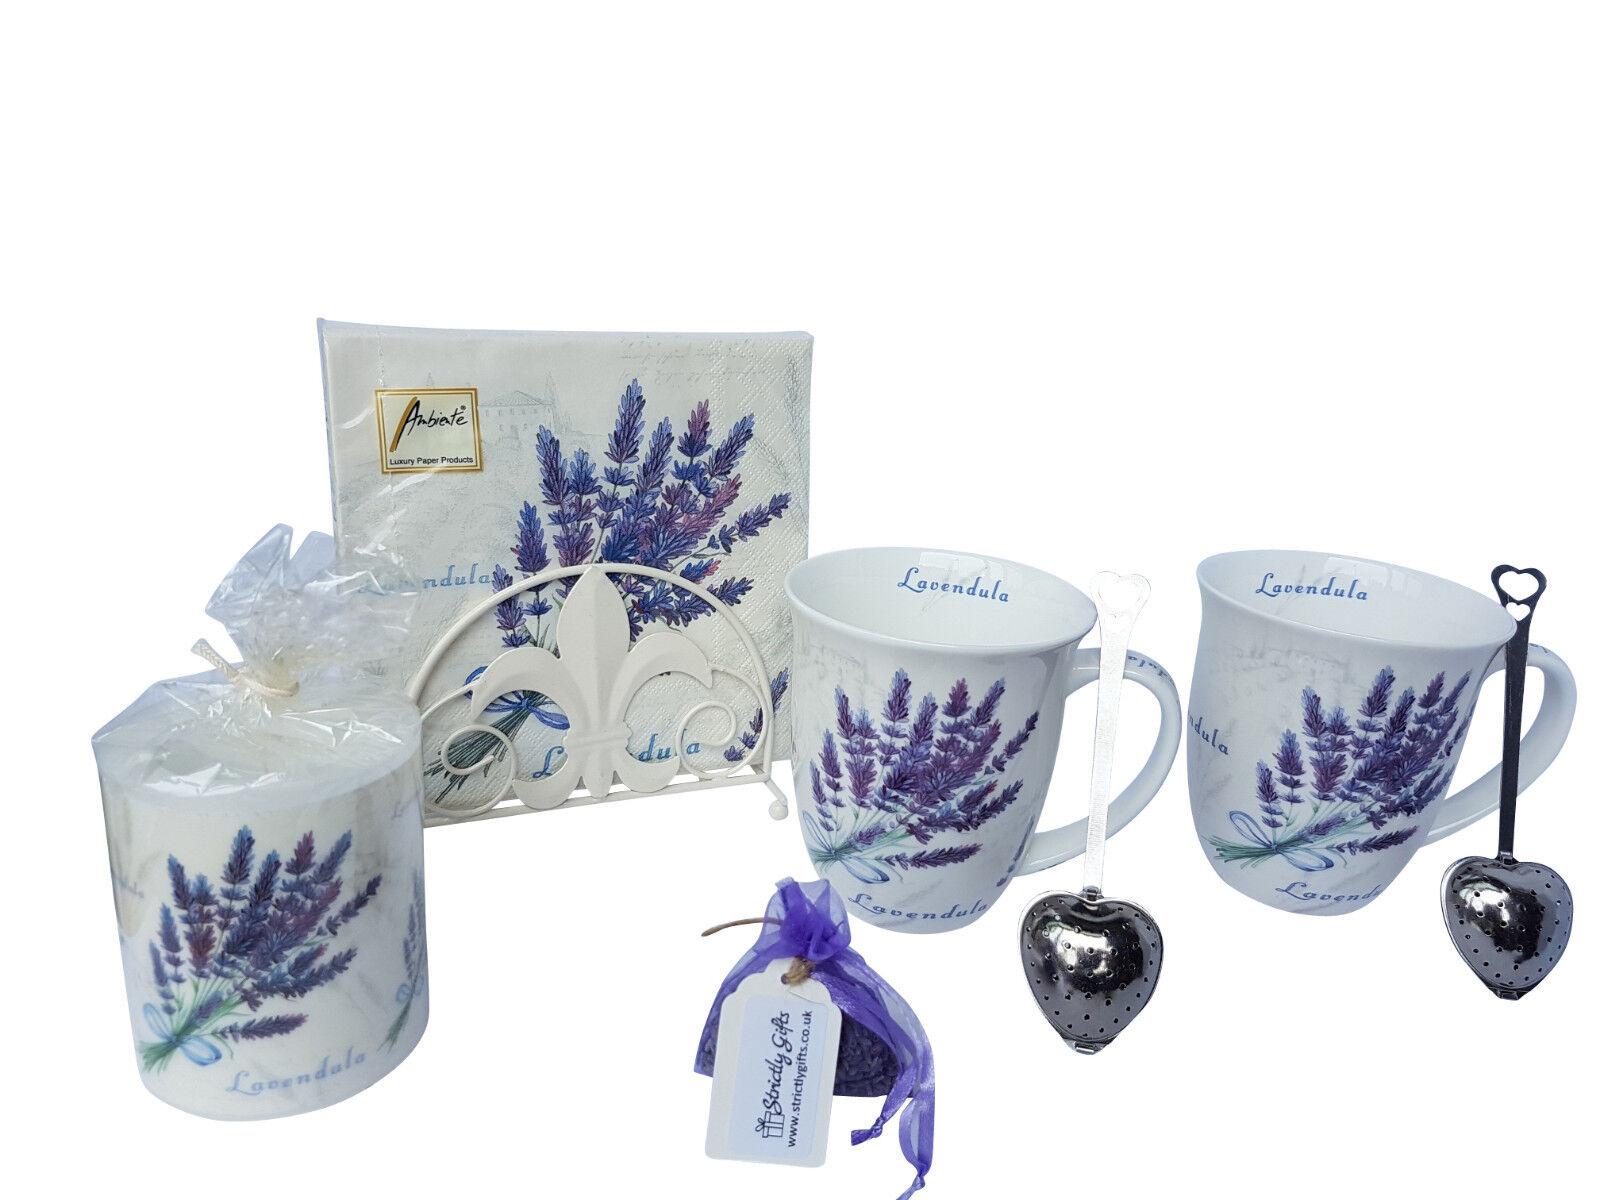 Lavendel Design für Zwei Becher Kerze Geschenkset Feinstes Porzellan für Sie | Erste Qualität  | Förderung